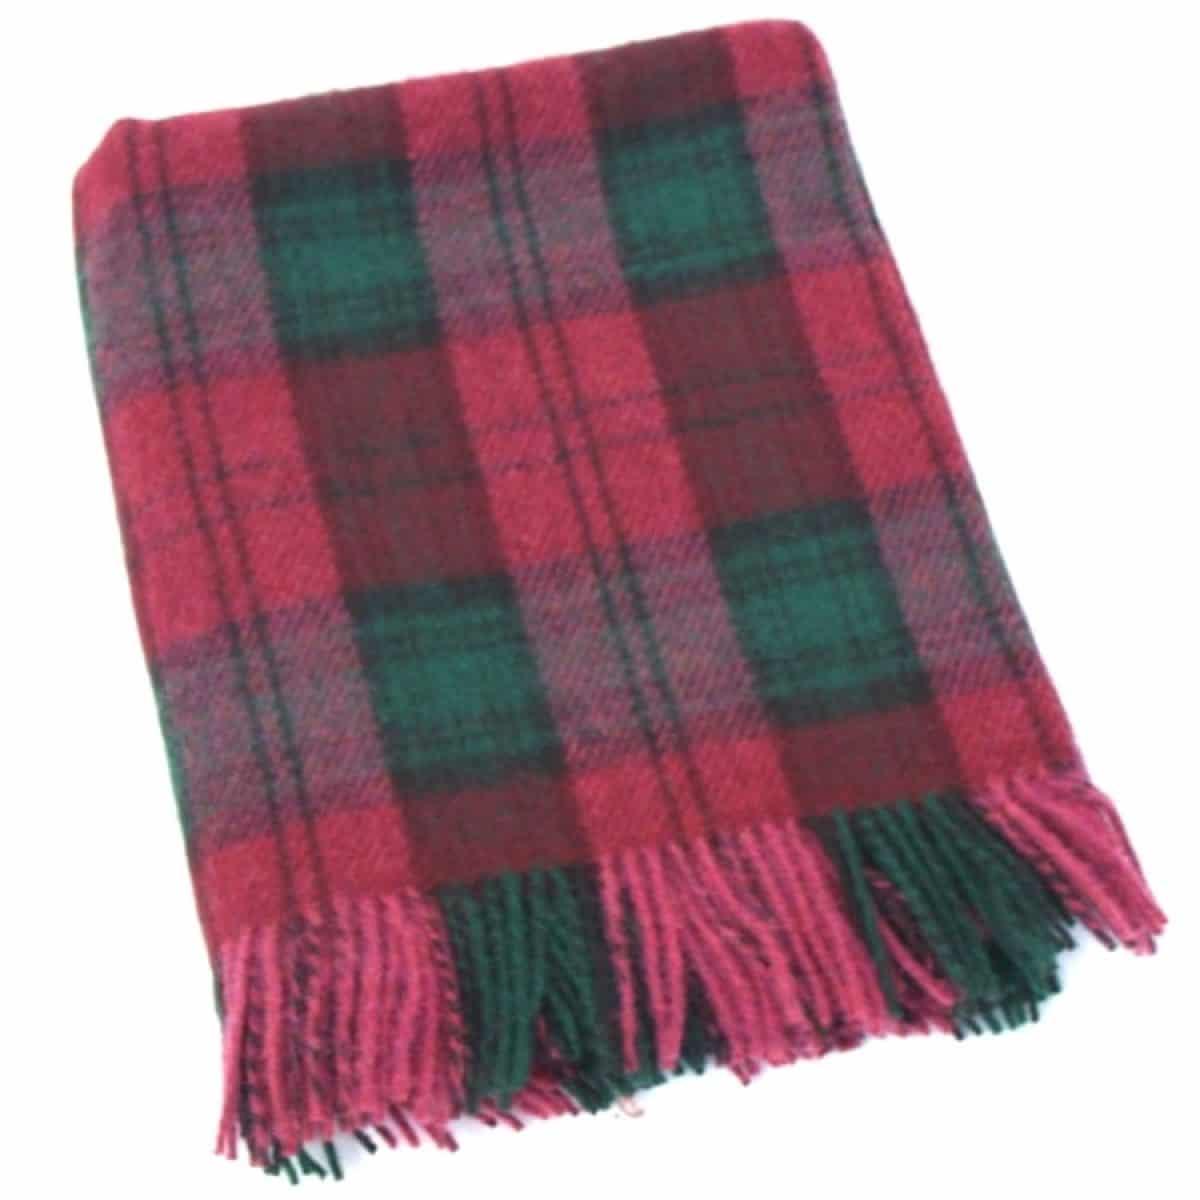 Wool Blanket - Berry